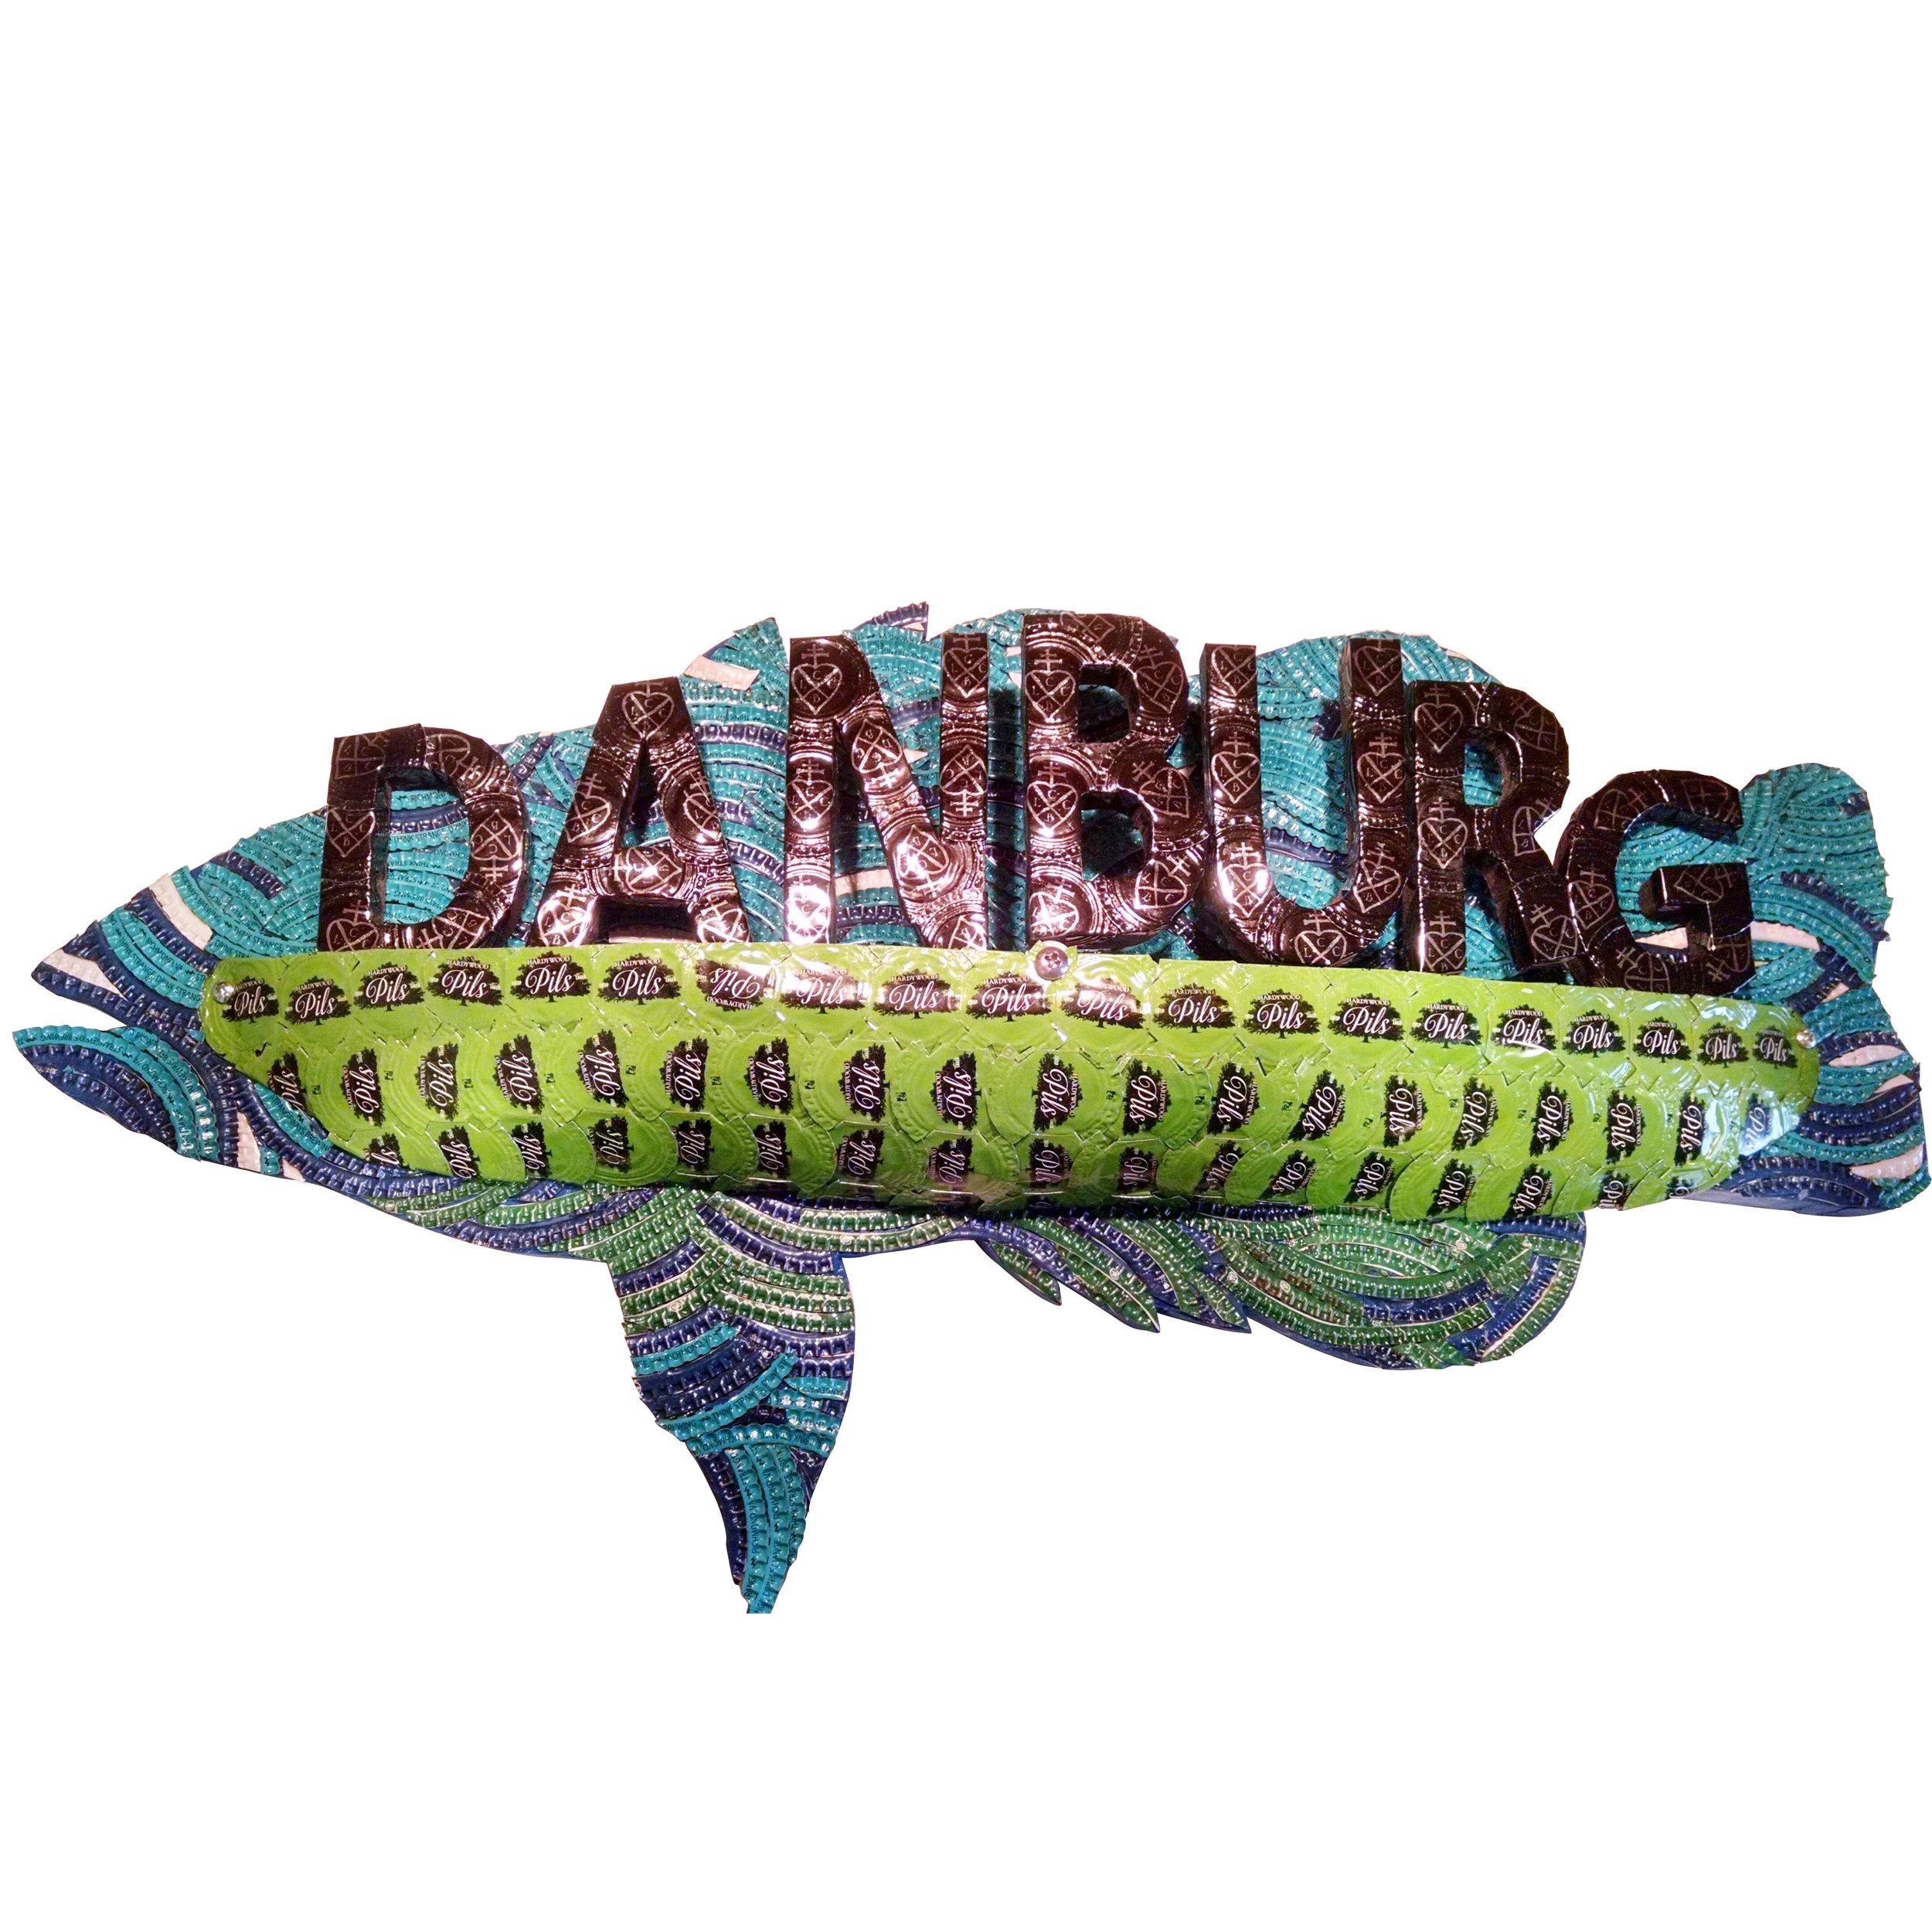 Danburg 1 copy.jpg